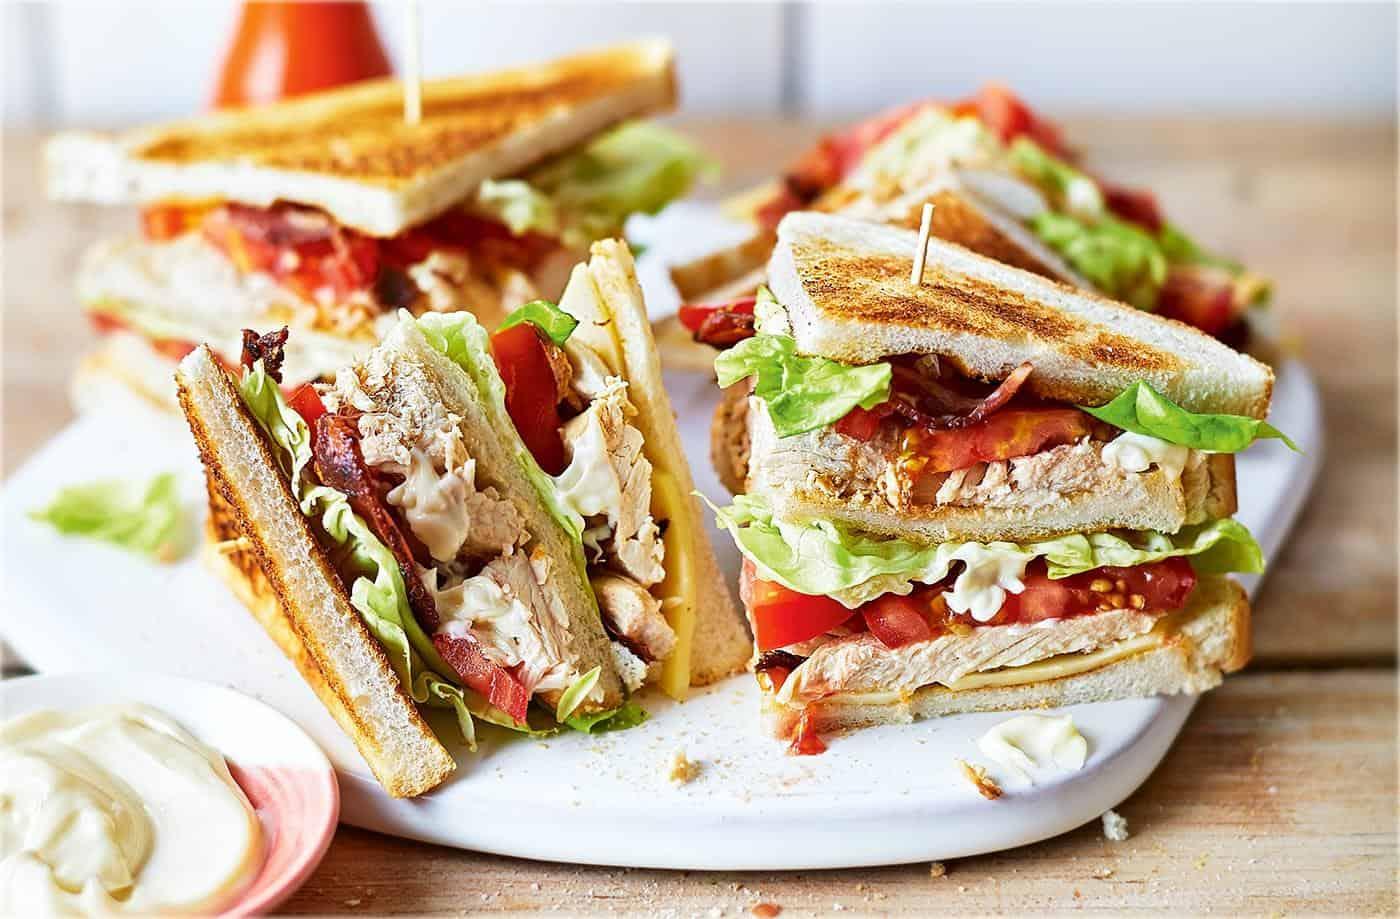 banh mi sandwich kep thit